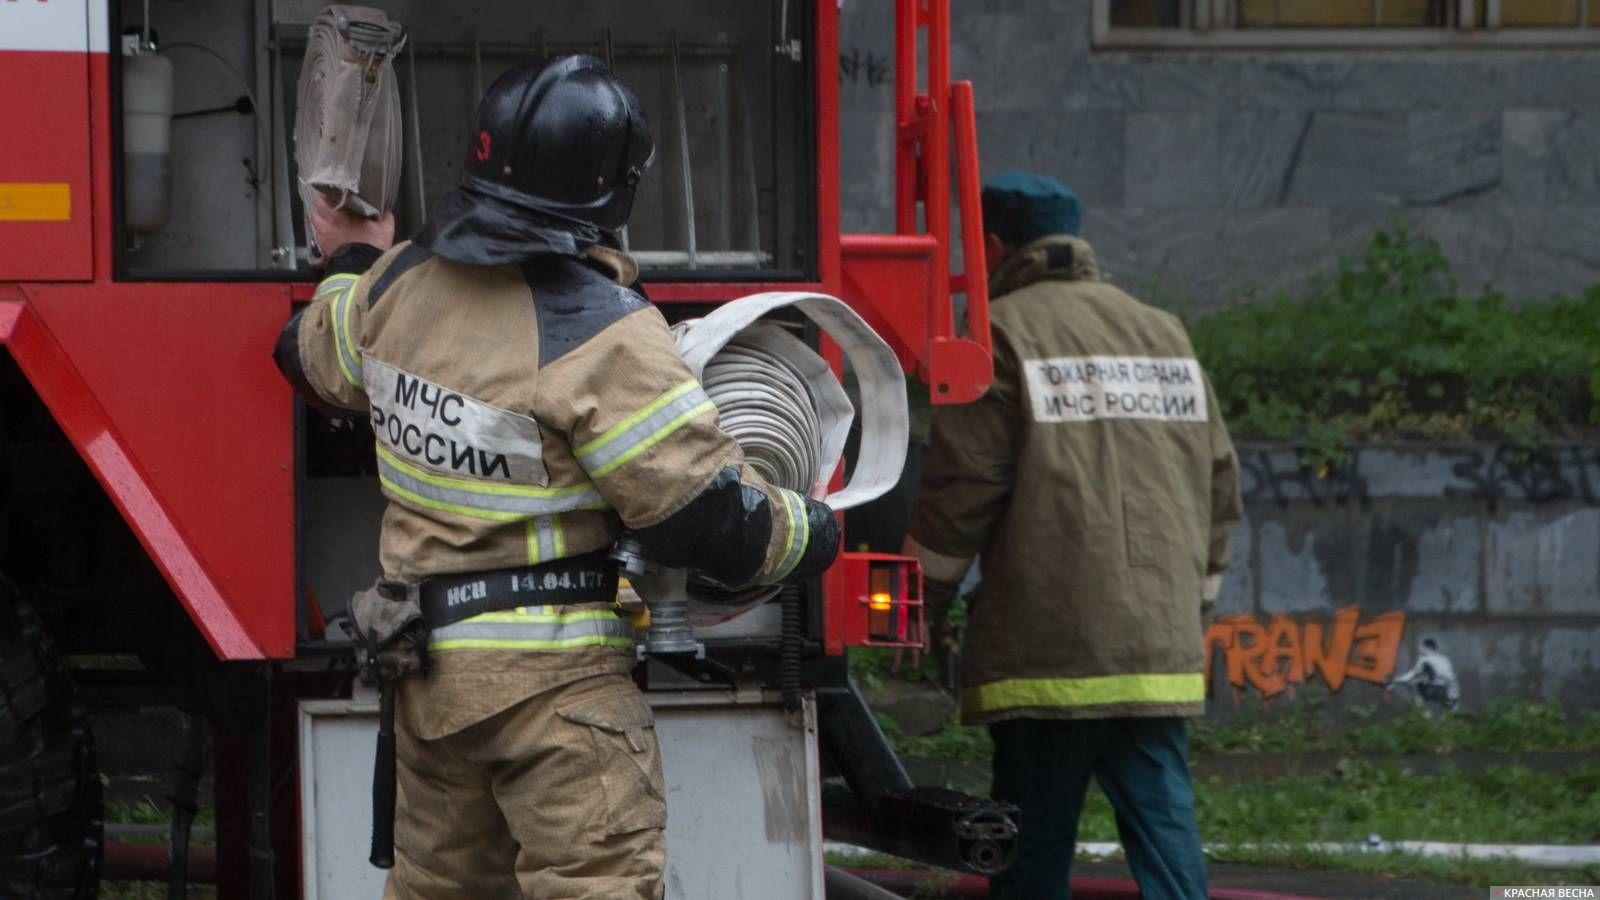 Смертельный пожар: в Красном Коммунаре погиб пенсионер